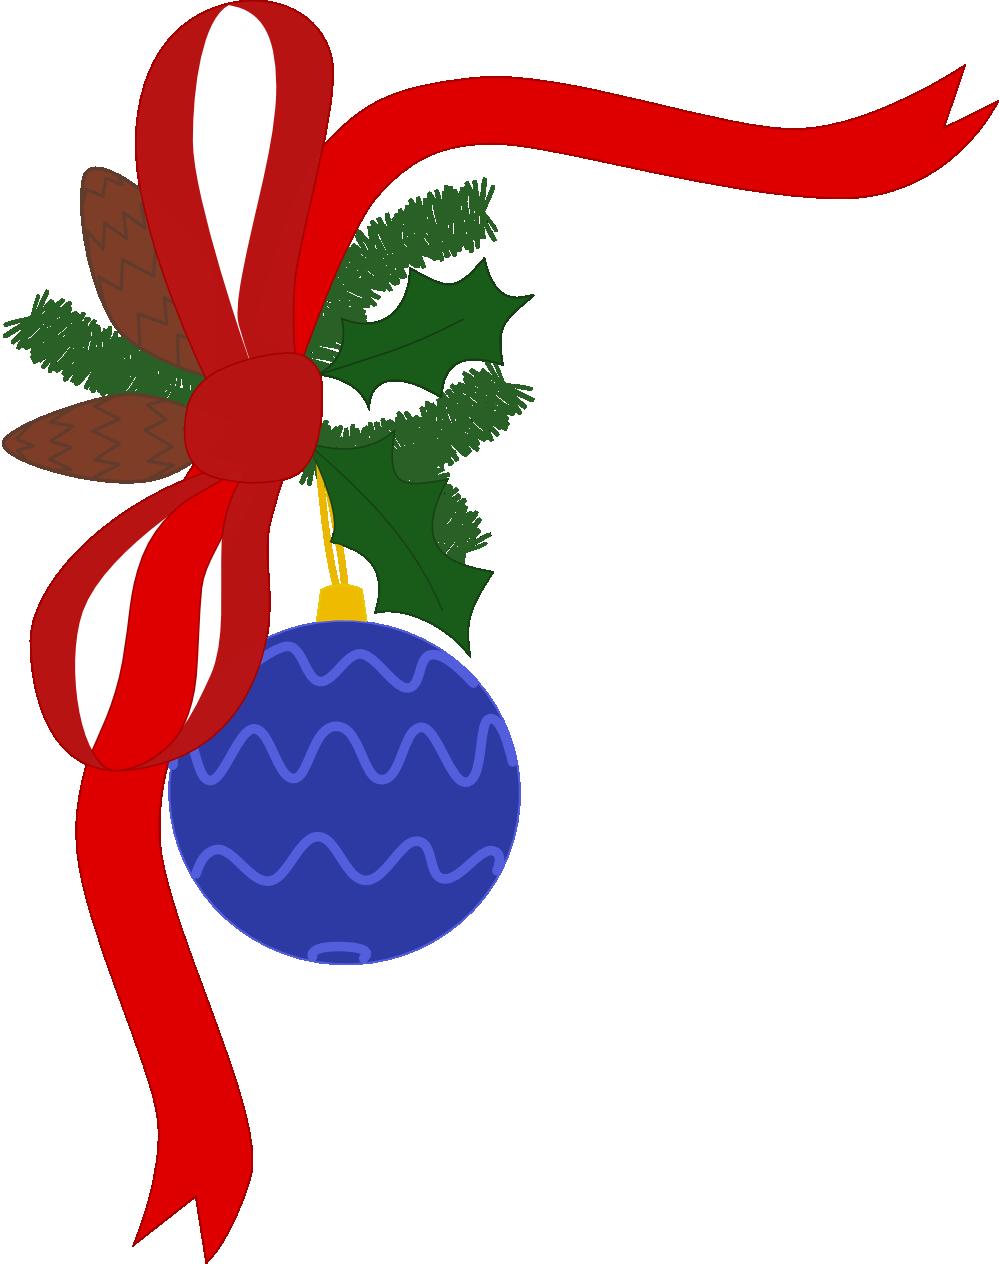 Holiday Clip Art Borders Free Free Clipa-Holiday clip art borders free free clipart images-9